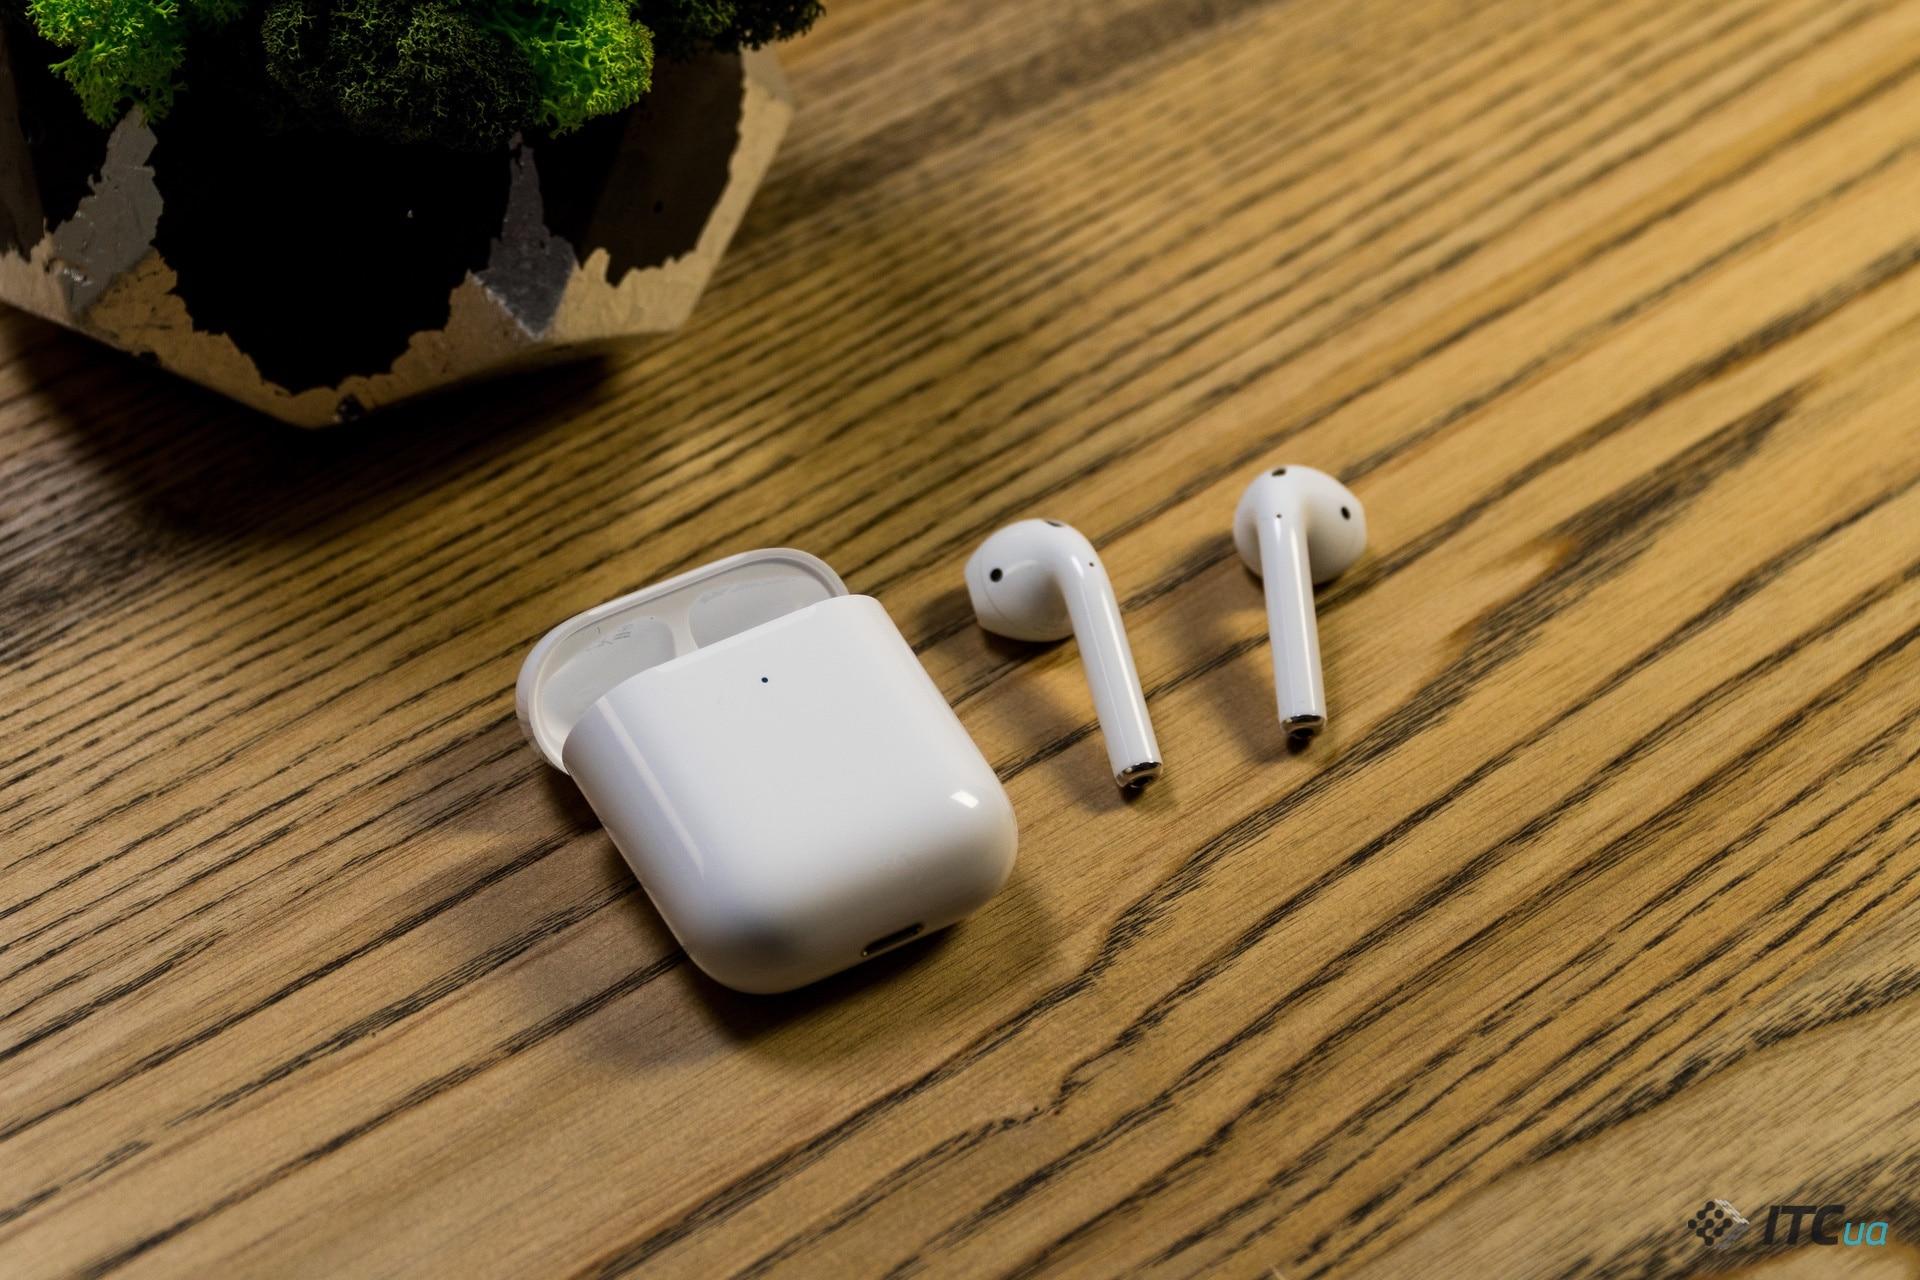 Бета-версия iOS 13.2 намекает на релиз AirPods с шумоподавлением